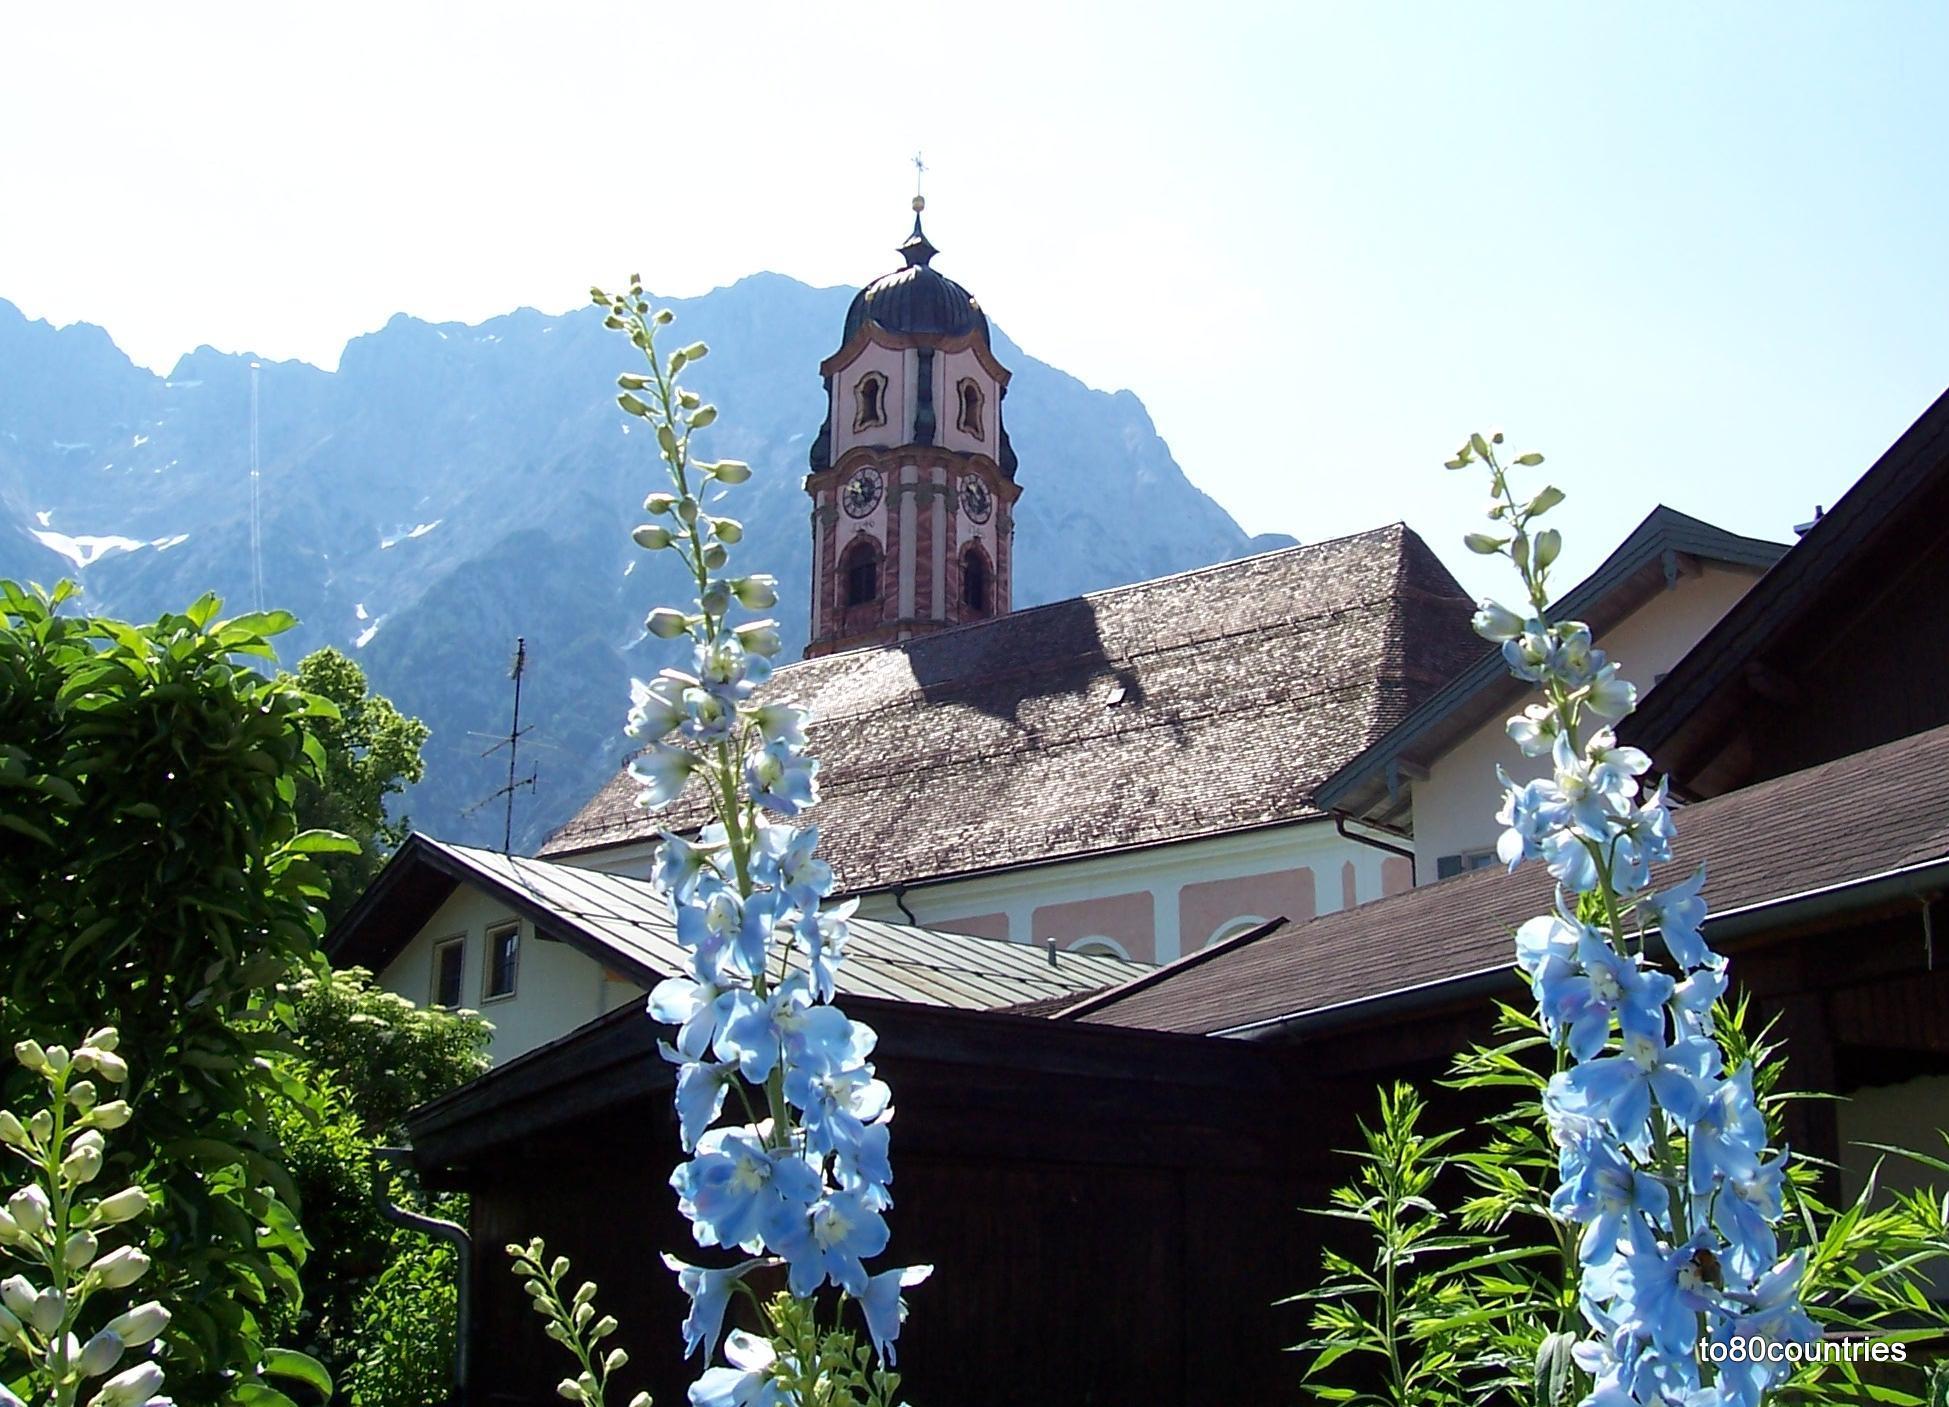 Pfarrkirche St. Peter und Paul in Mittenwald